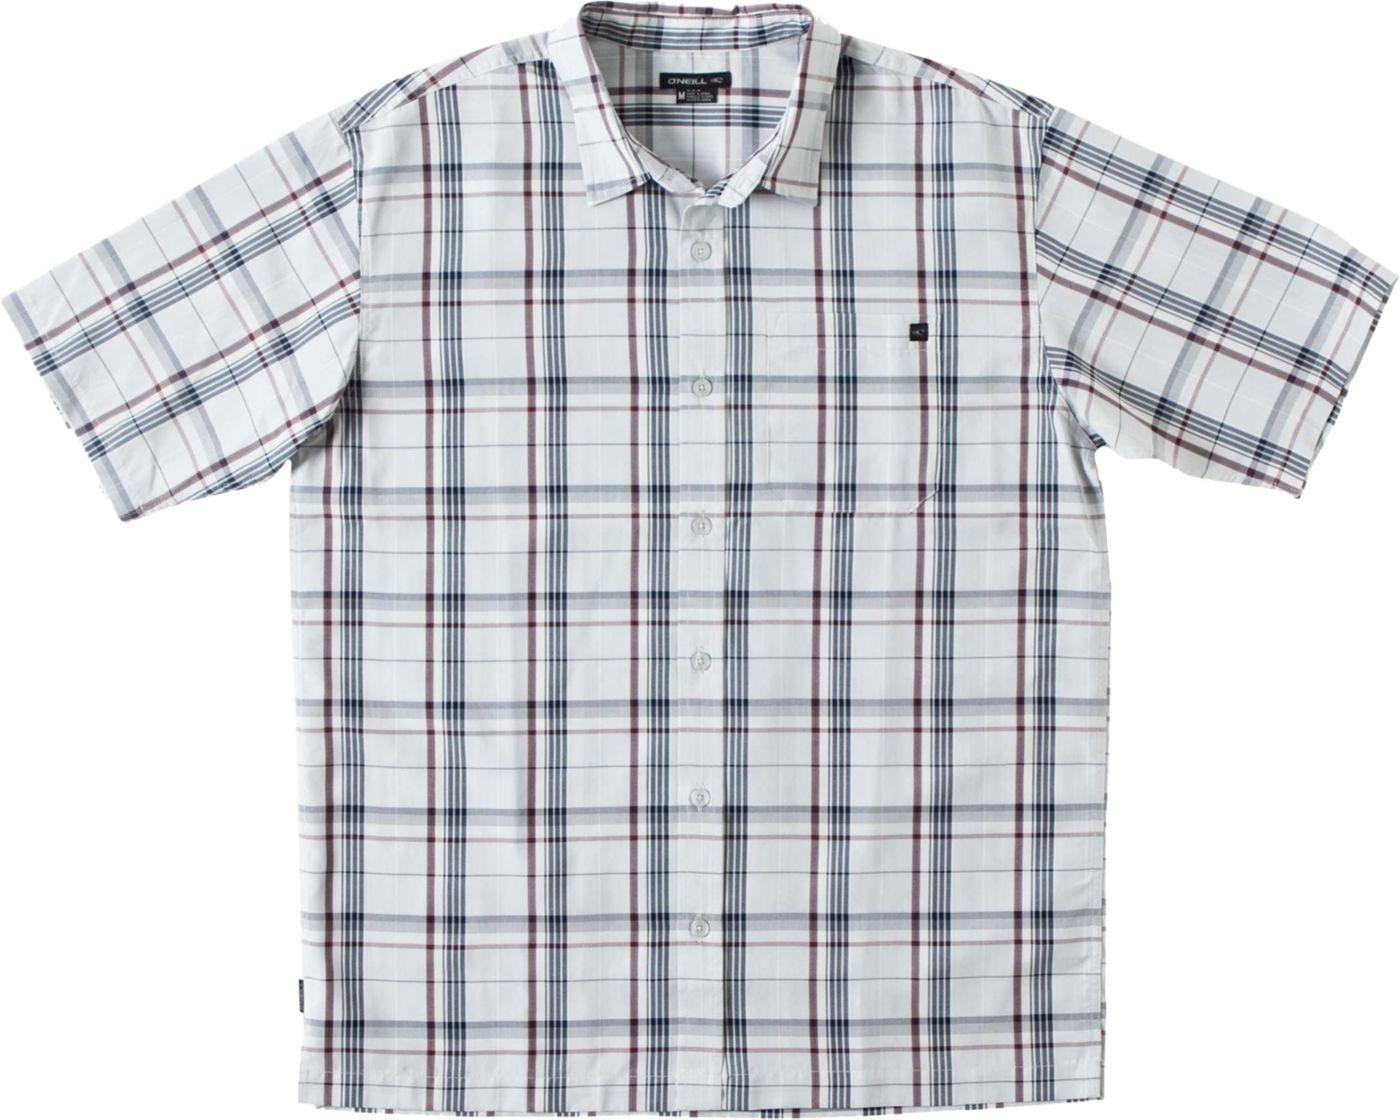 O'Neill Men's Isla Button Up Short Sleeve Shirt